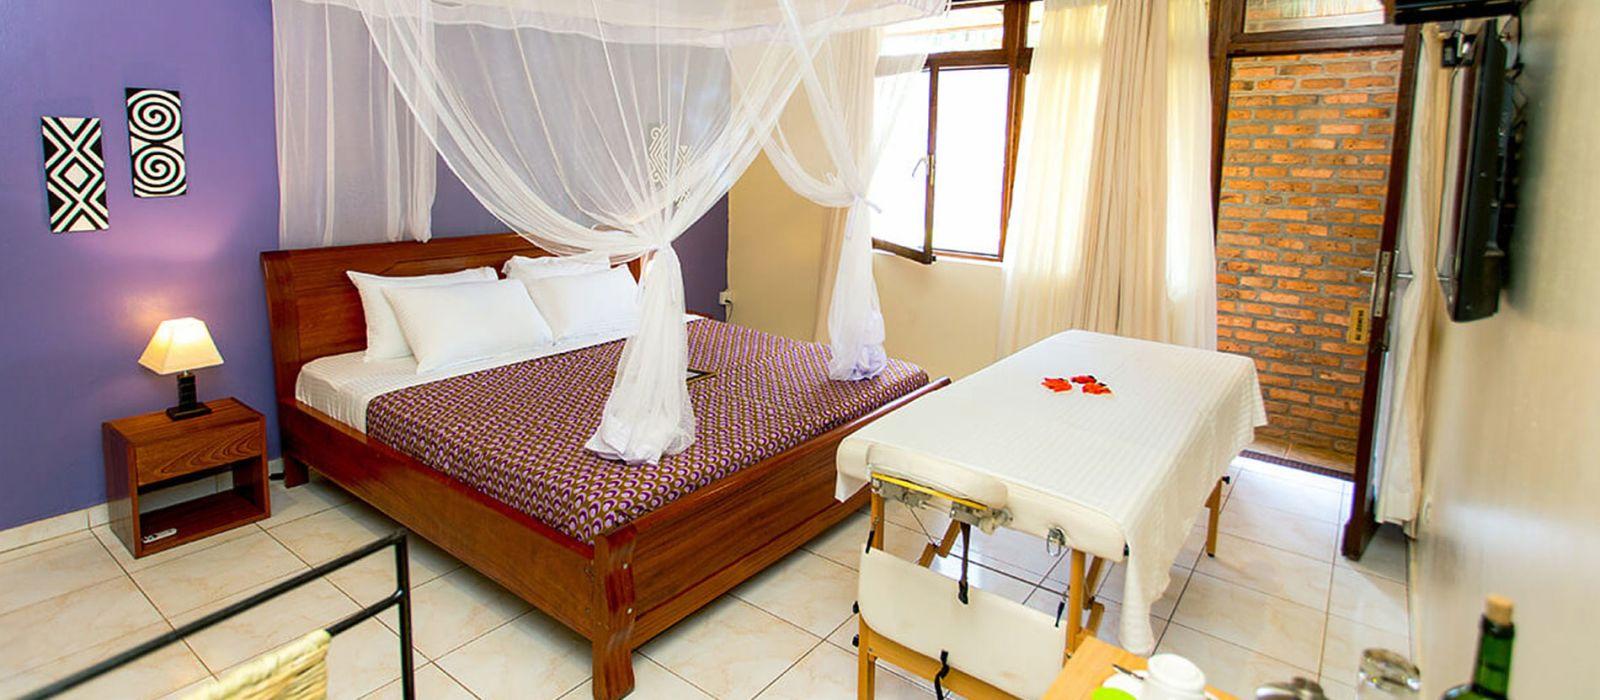 Hotel Heaven Restaurant & Boutique  Rwanda